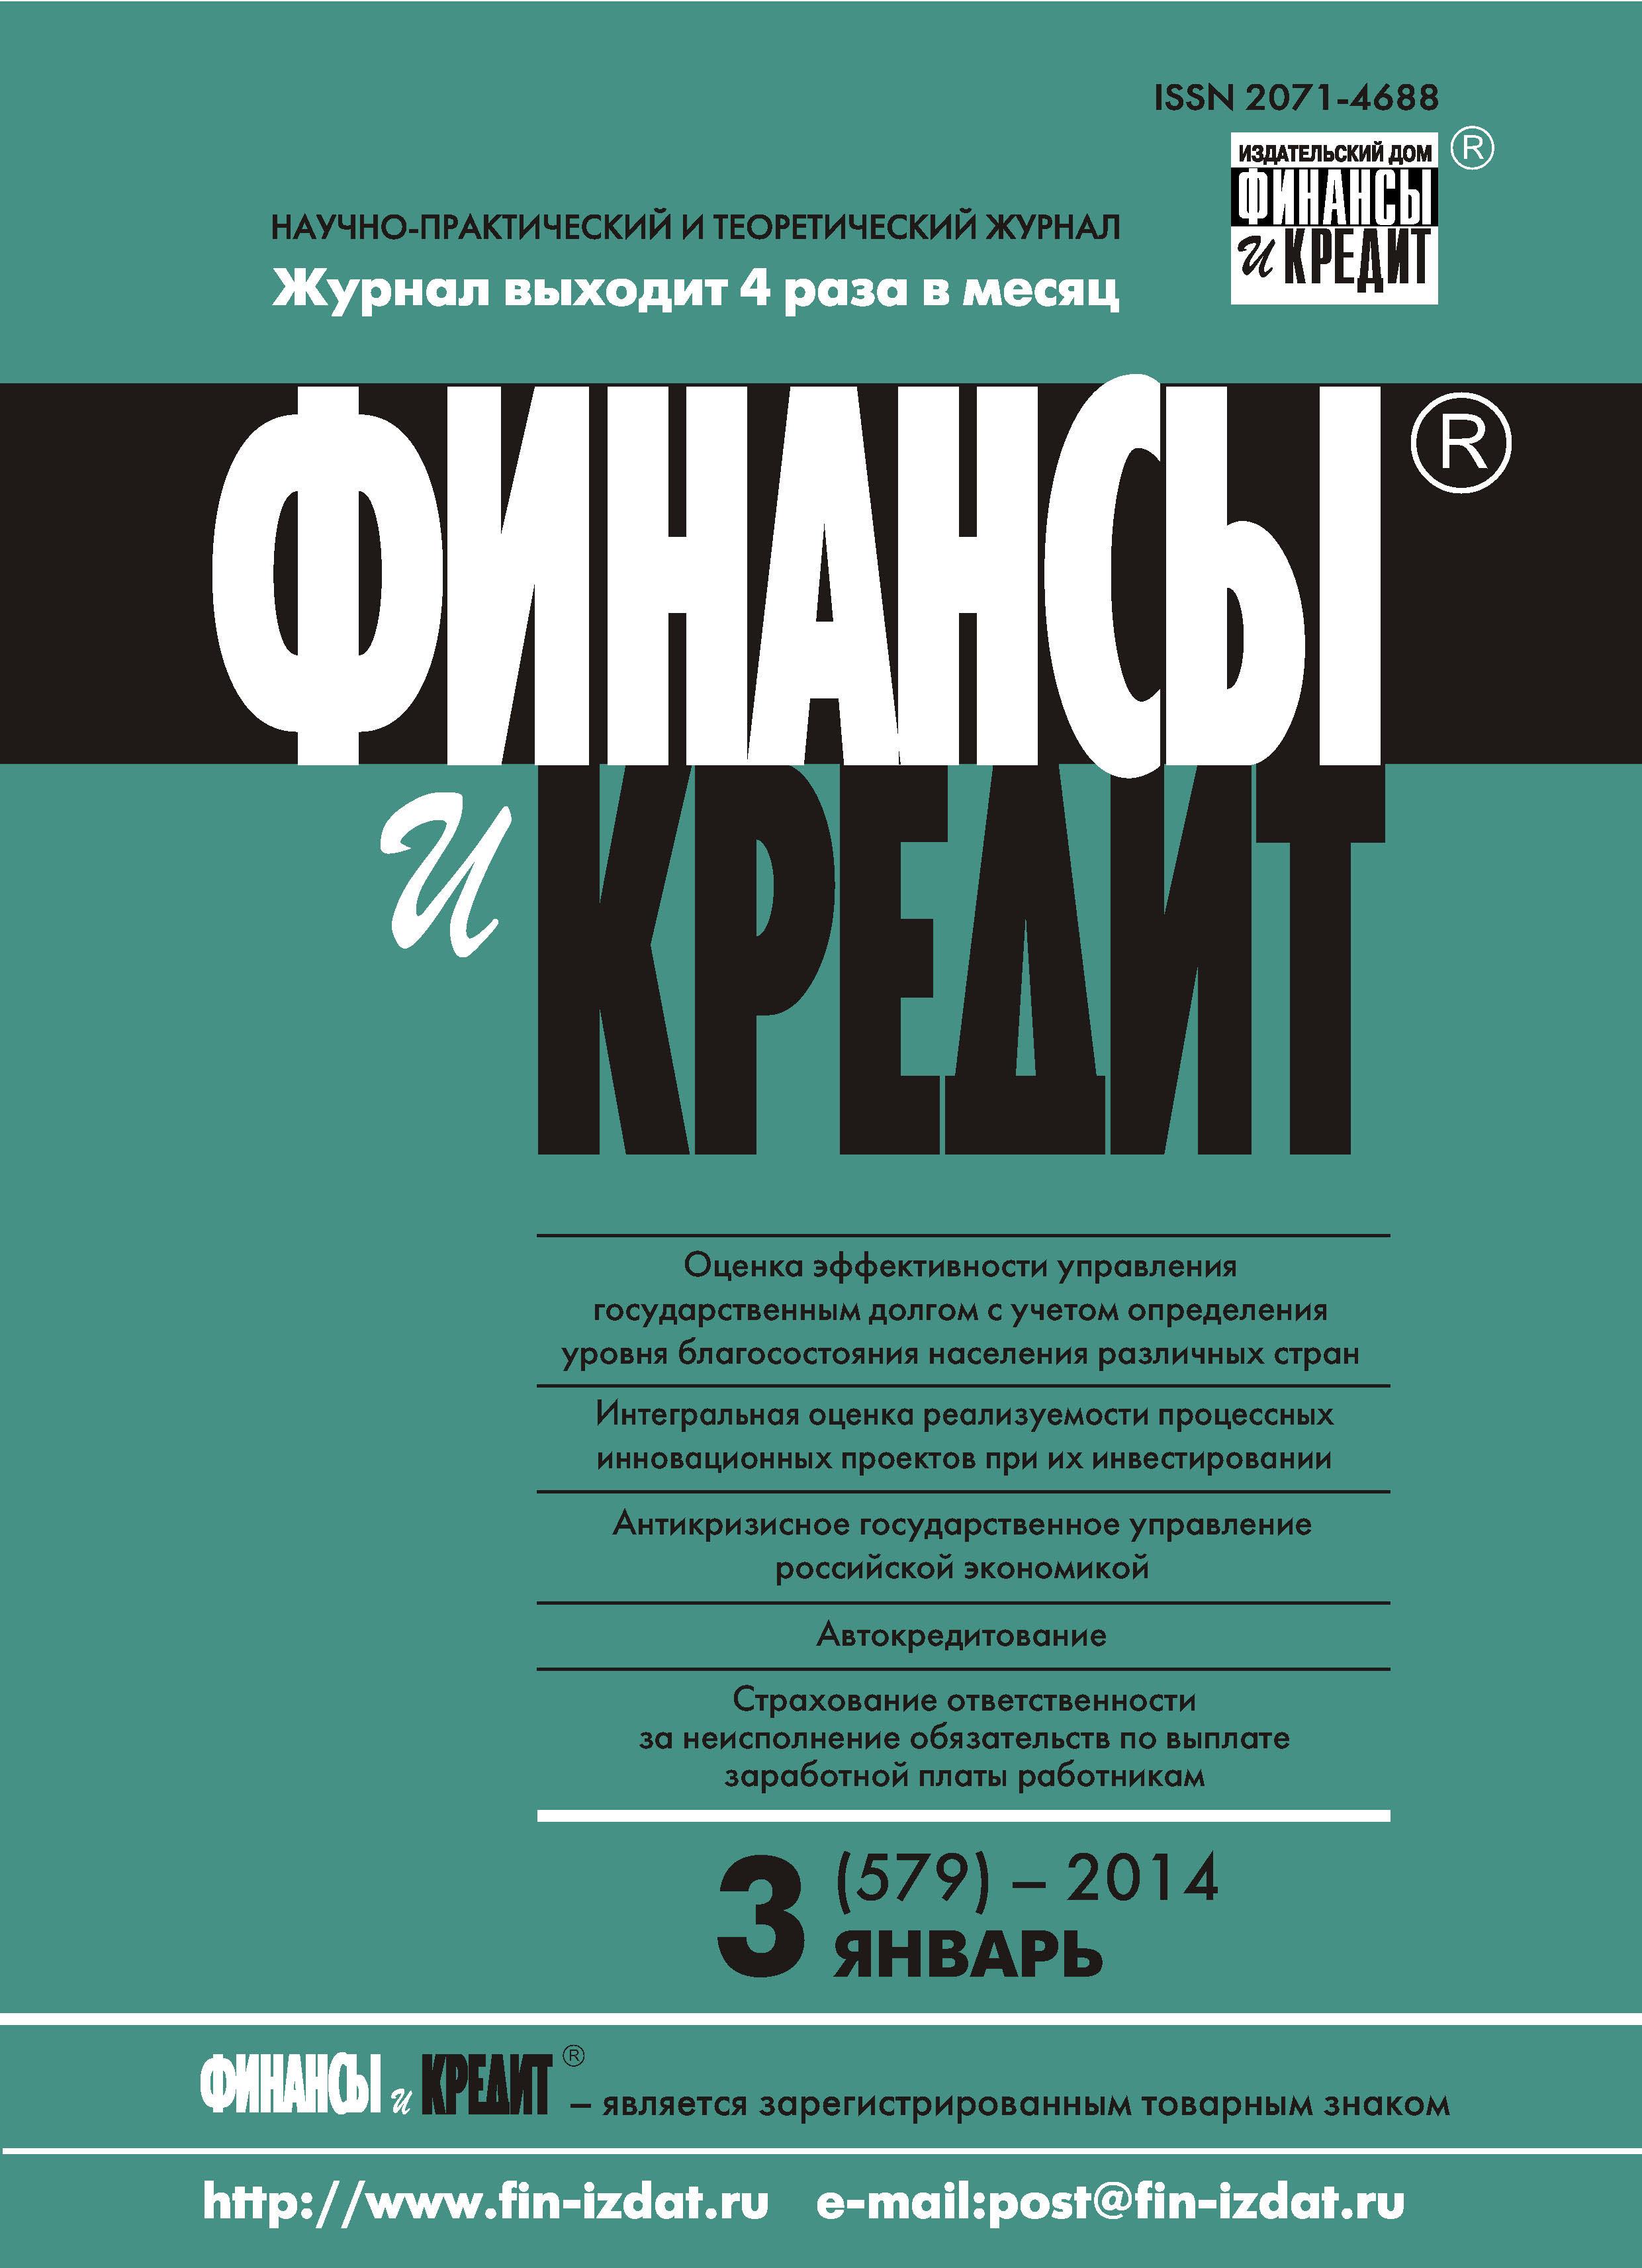 Финансы и Кредит № 3 (579) 2014